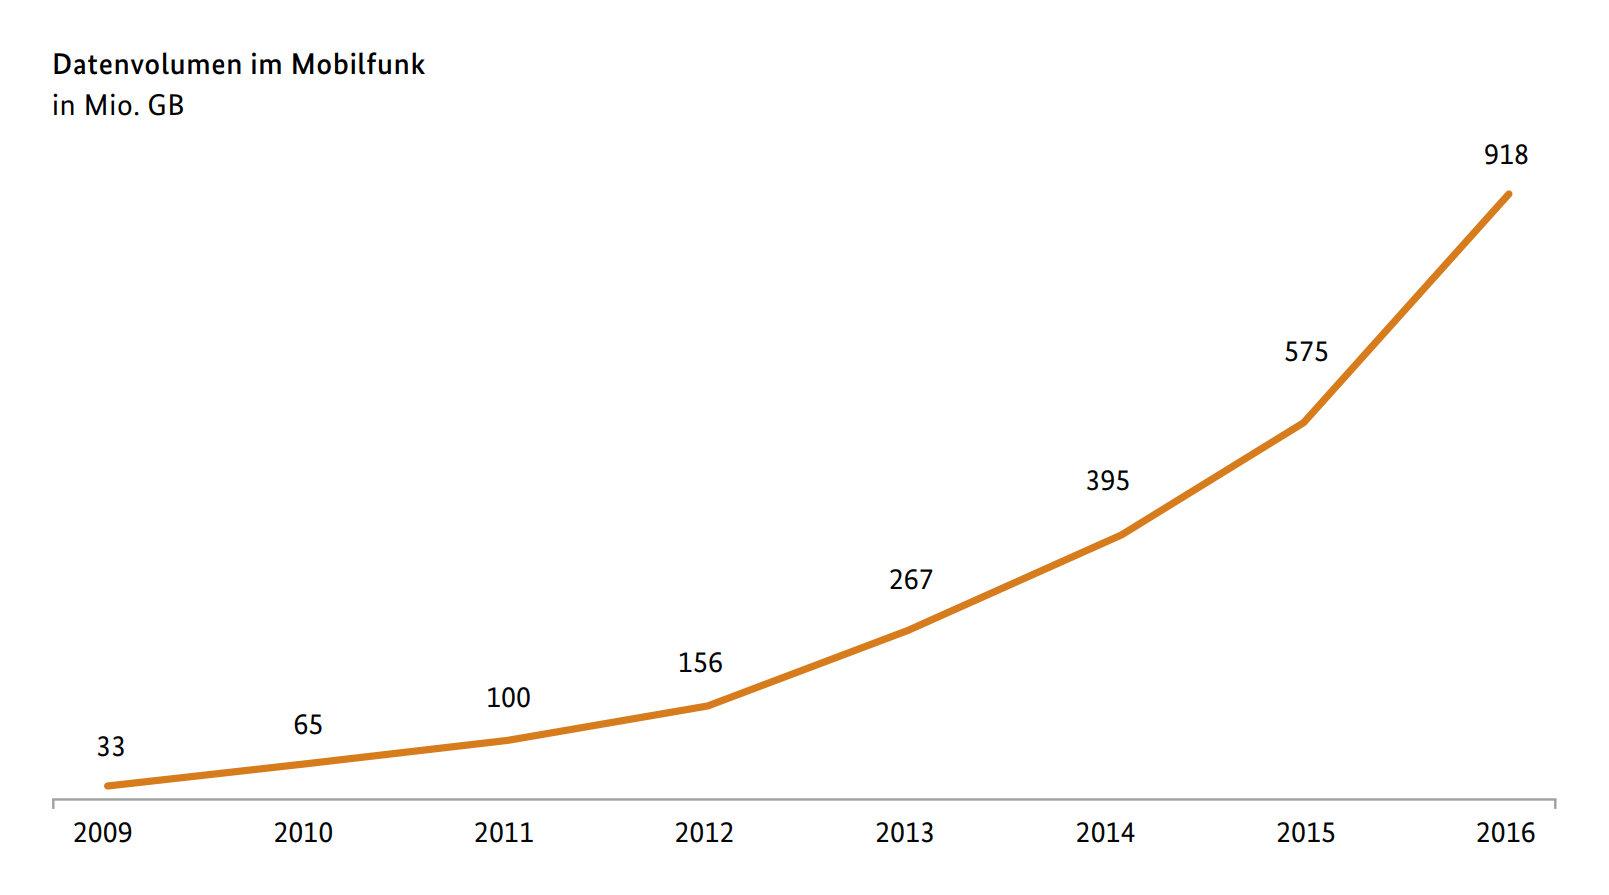 Mobilfunk kratzt an einer Milliarde Gigabyte